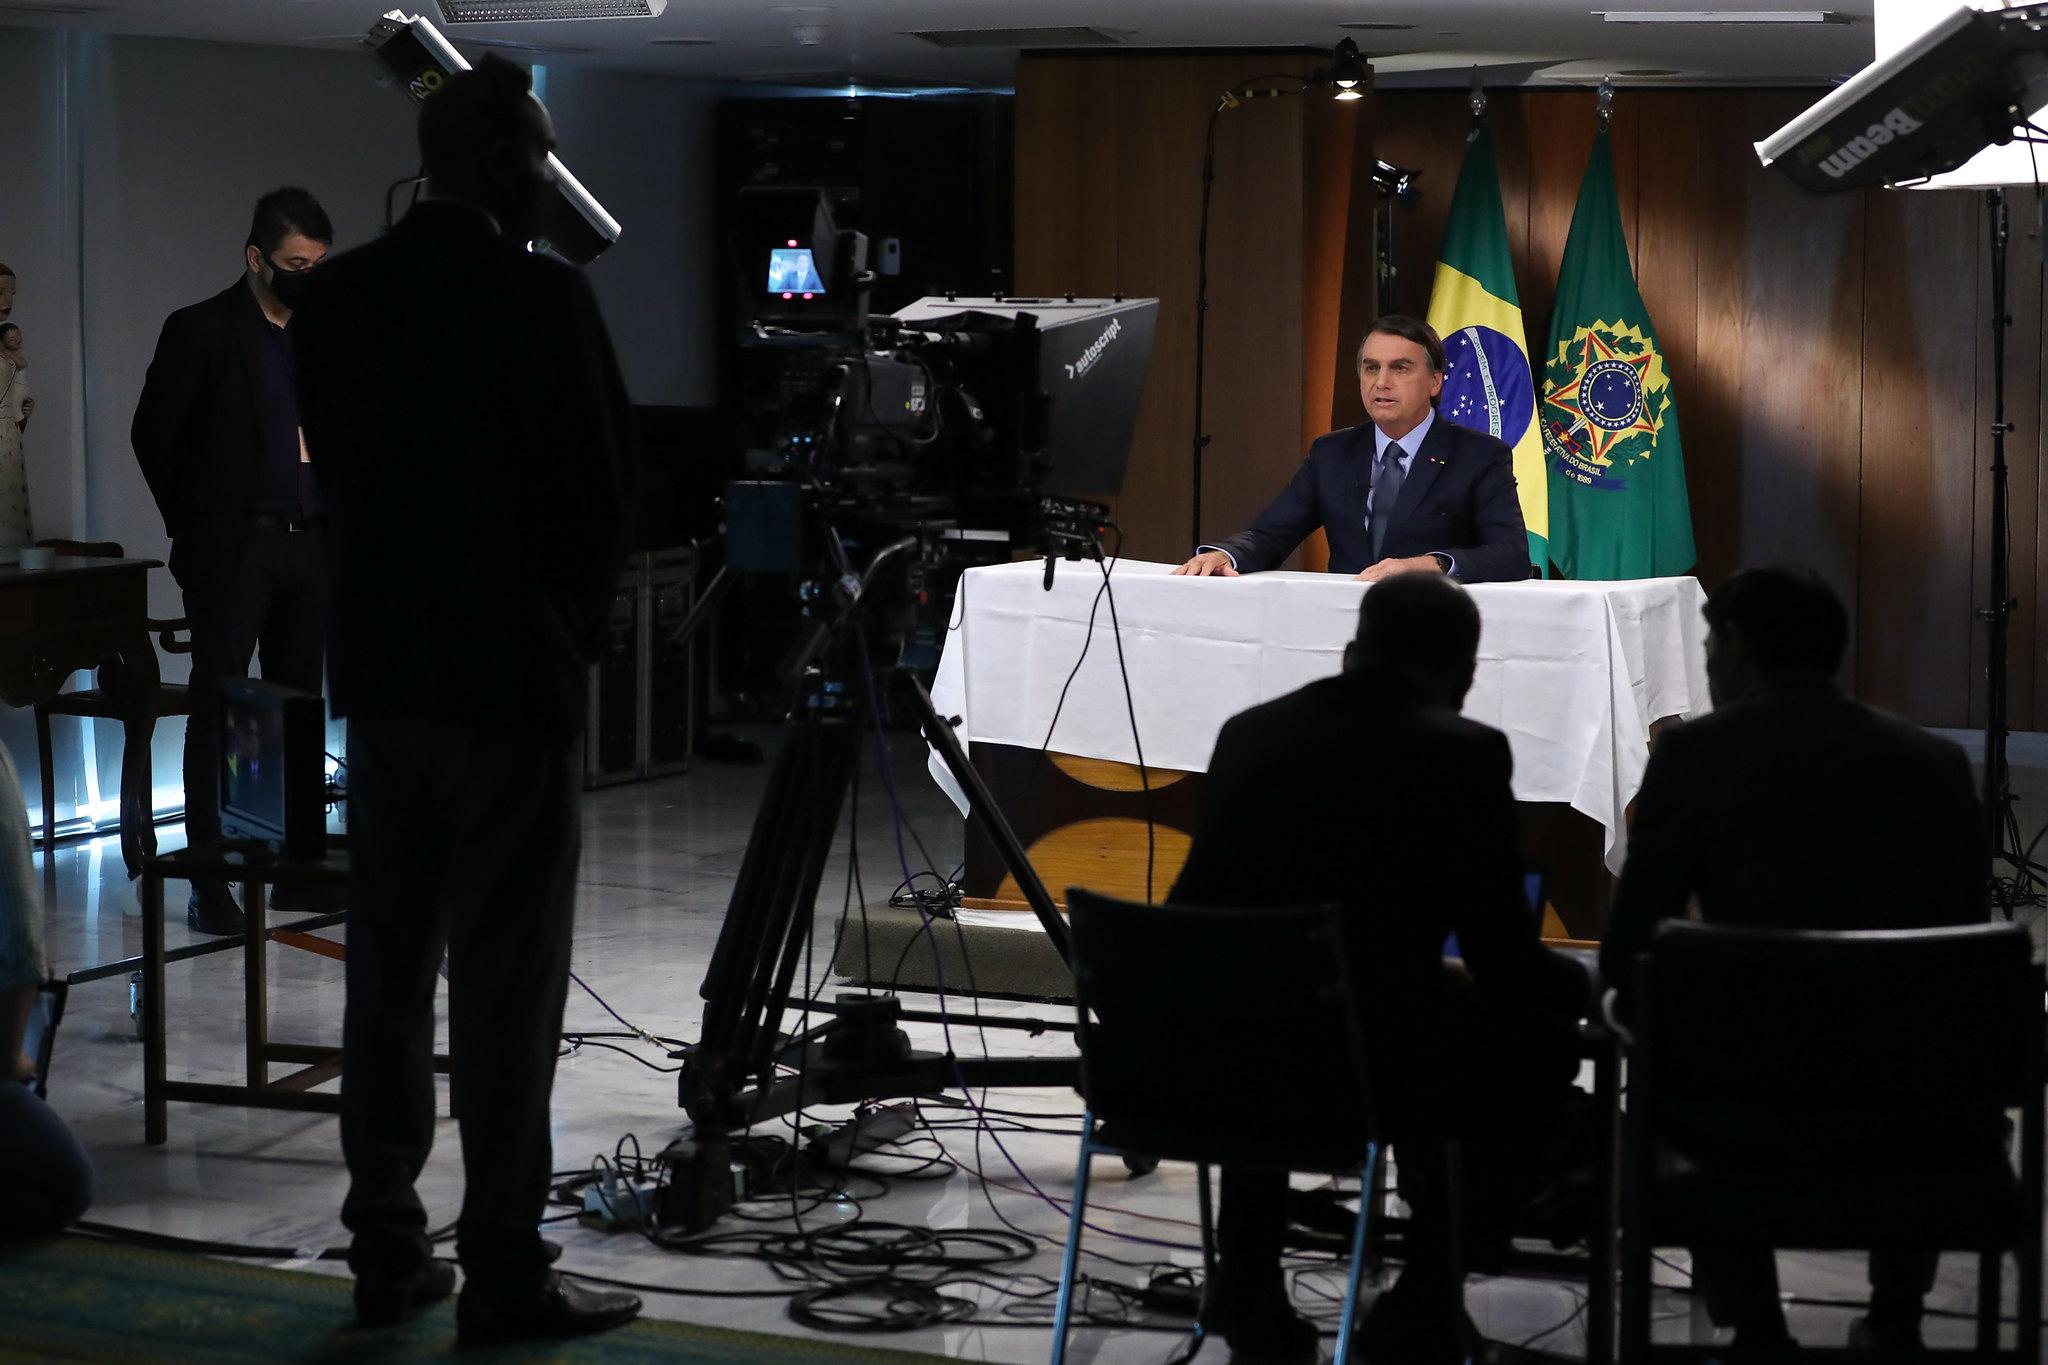 Em 2019, o impacto de Bolsonaro na ONU foi maior